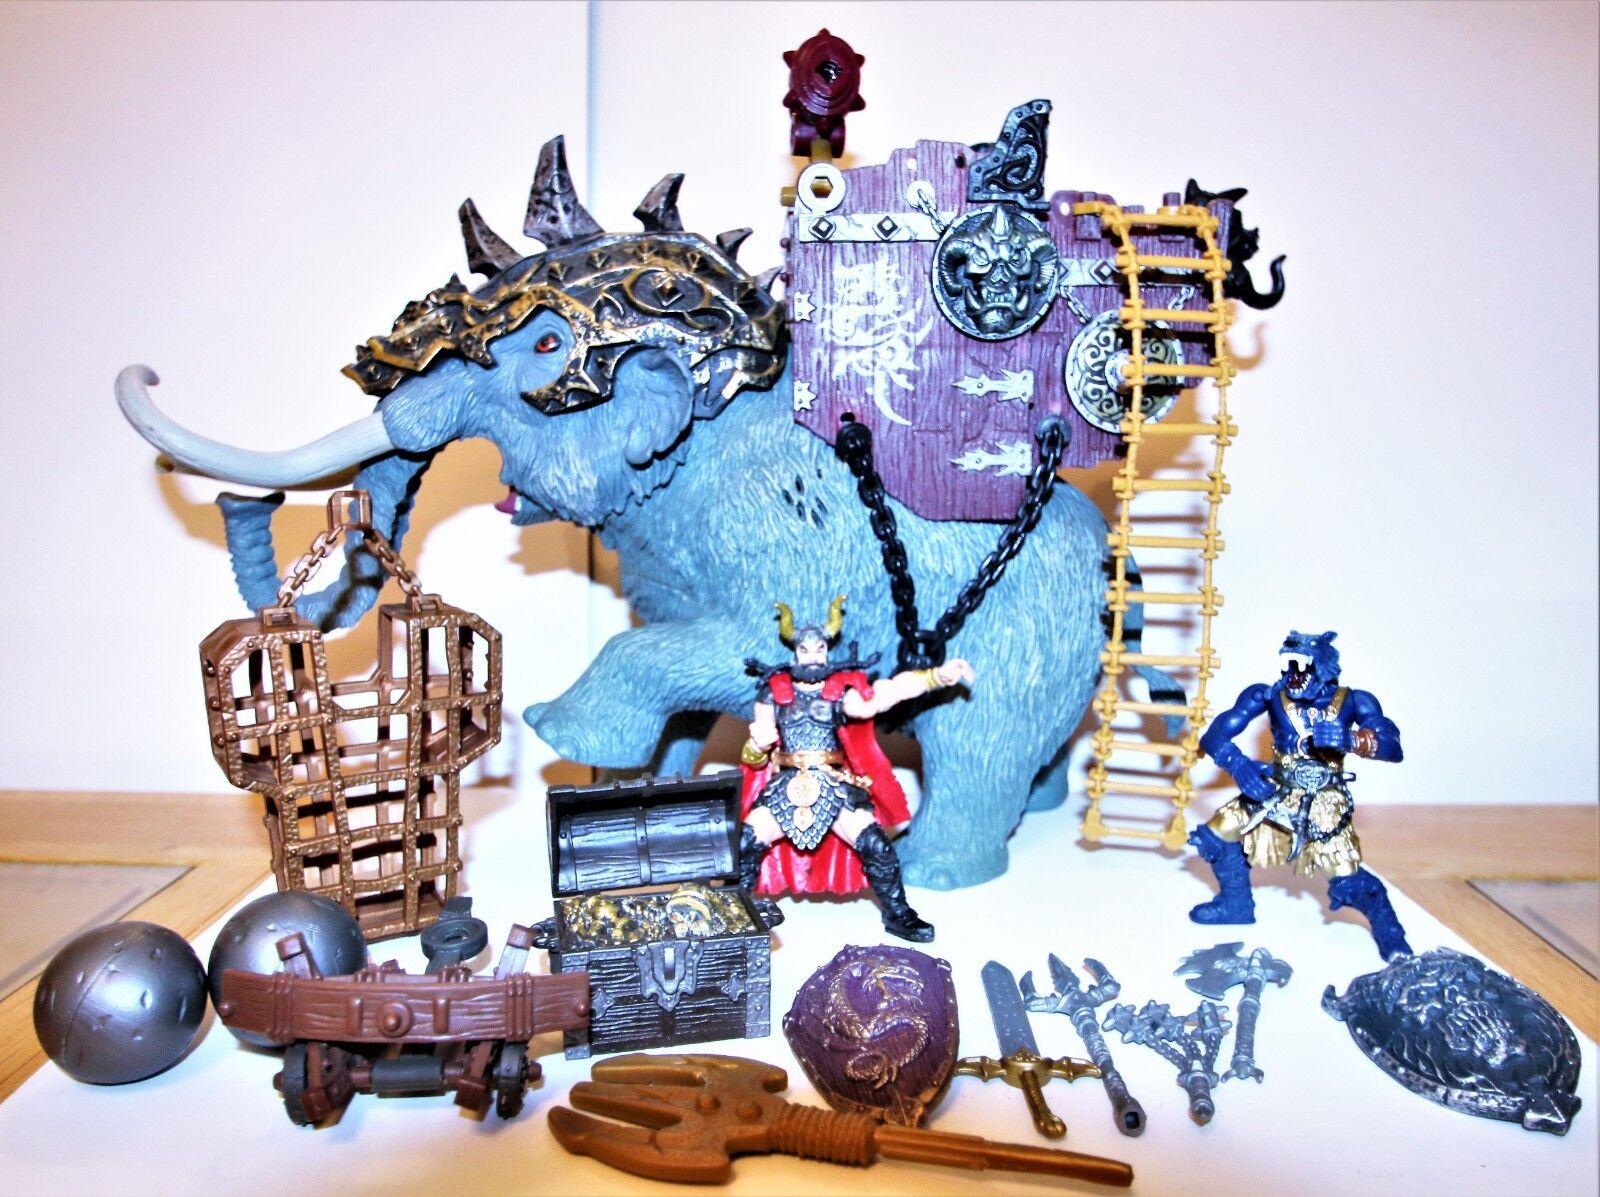 CHAP Mei Vikingos Vikingos Vikingos Tusker Rider Elefante-Mammoth figuras raras con sonidos armas  Mercancía de alta calidad y servicio conveniente y honesto.